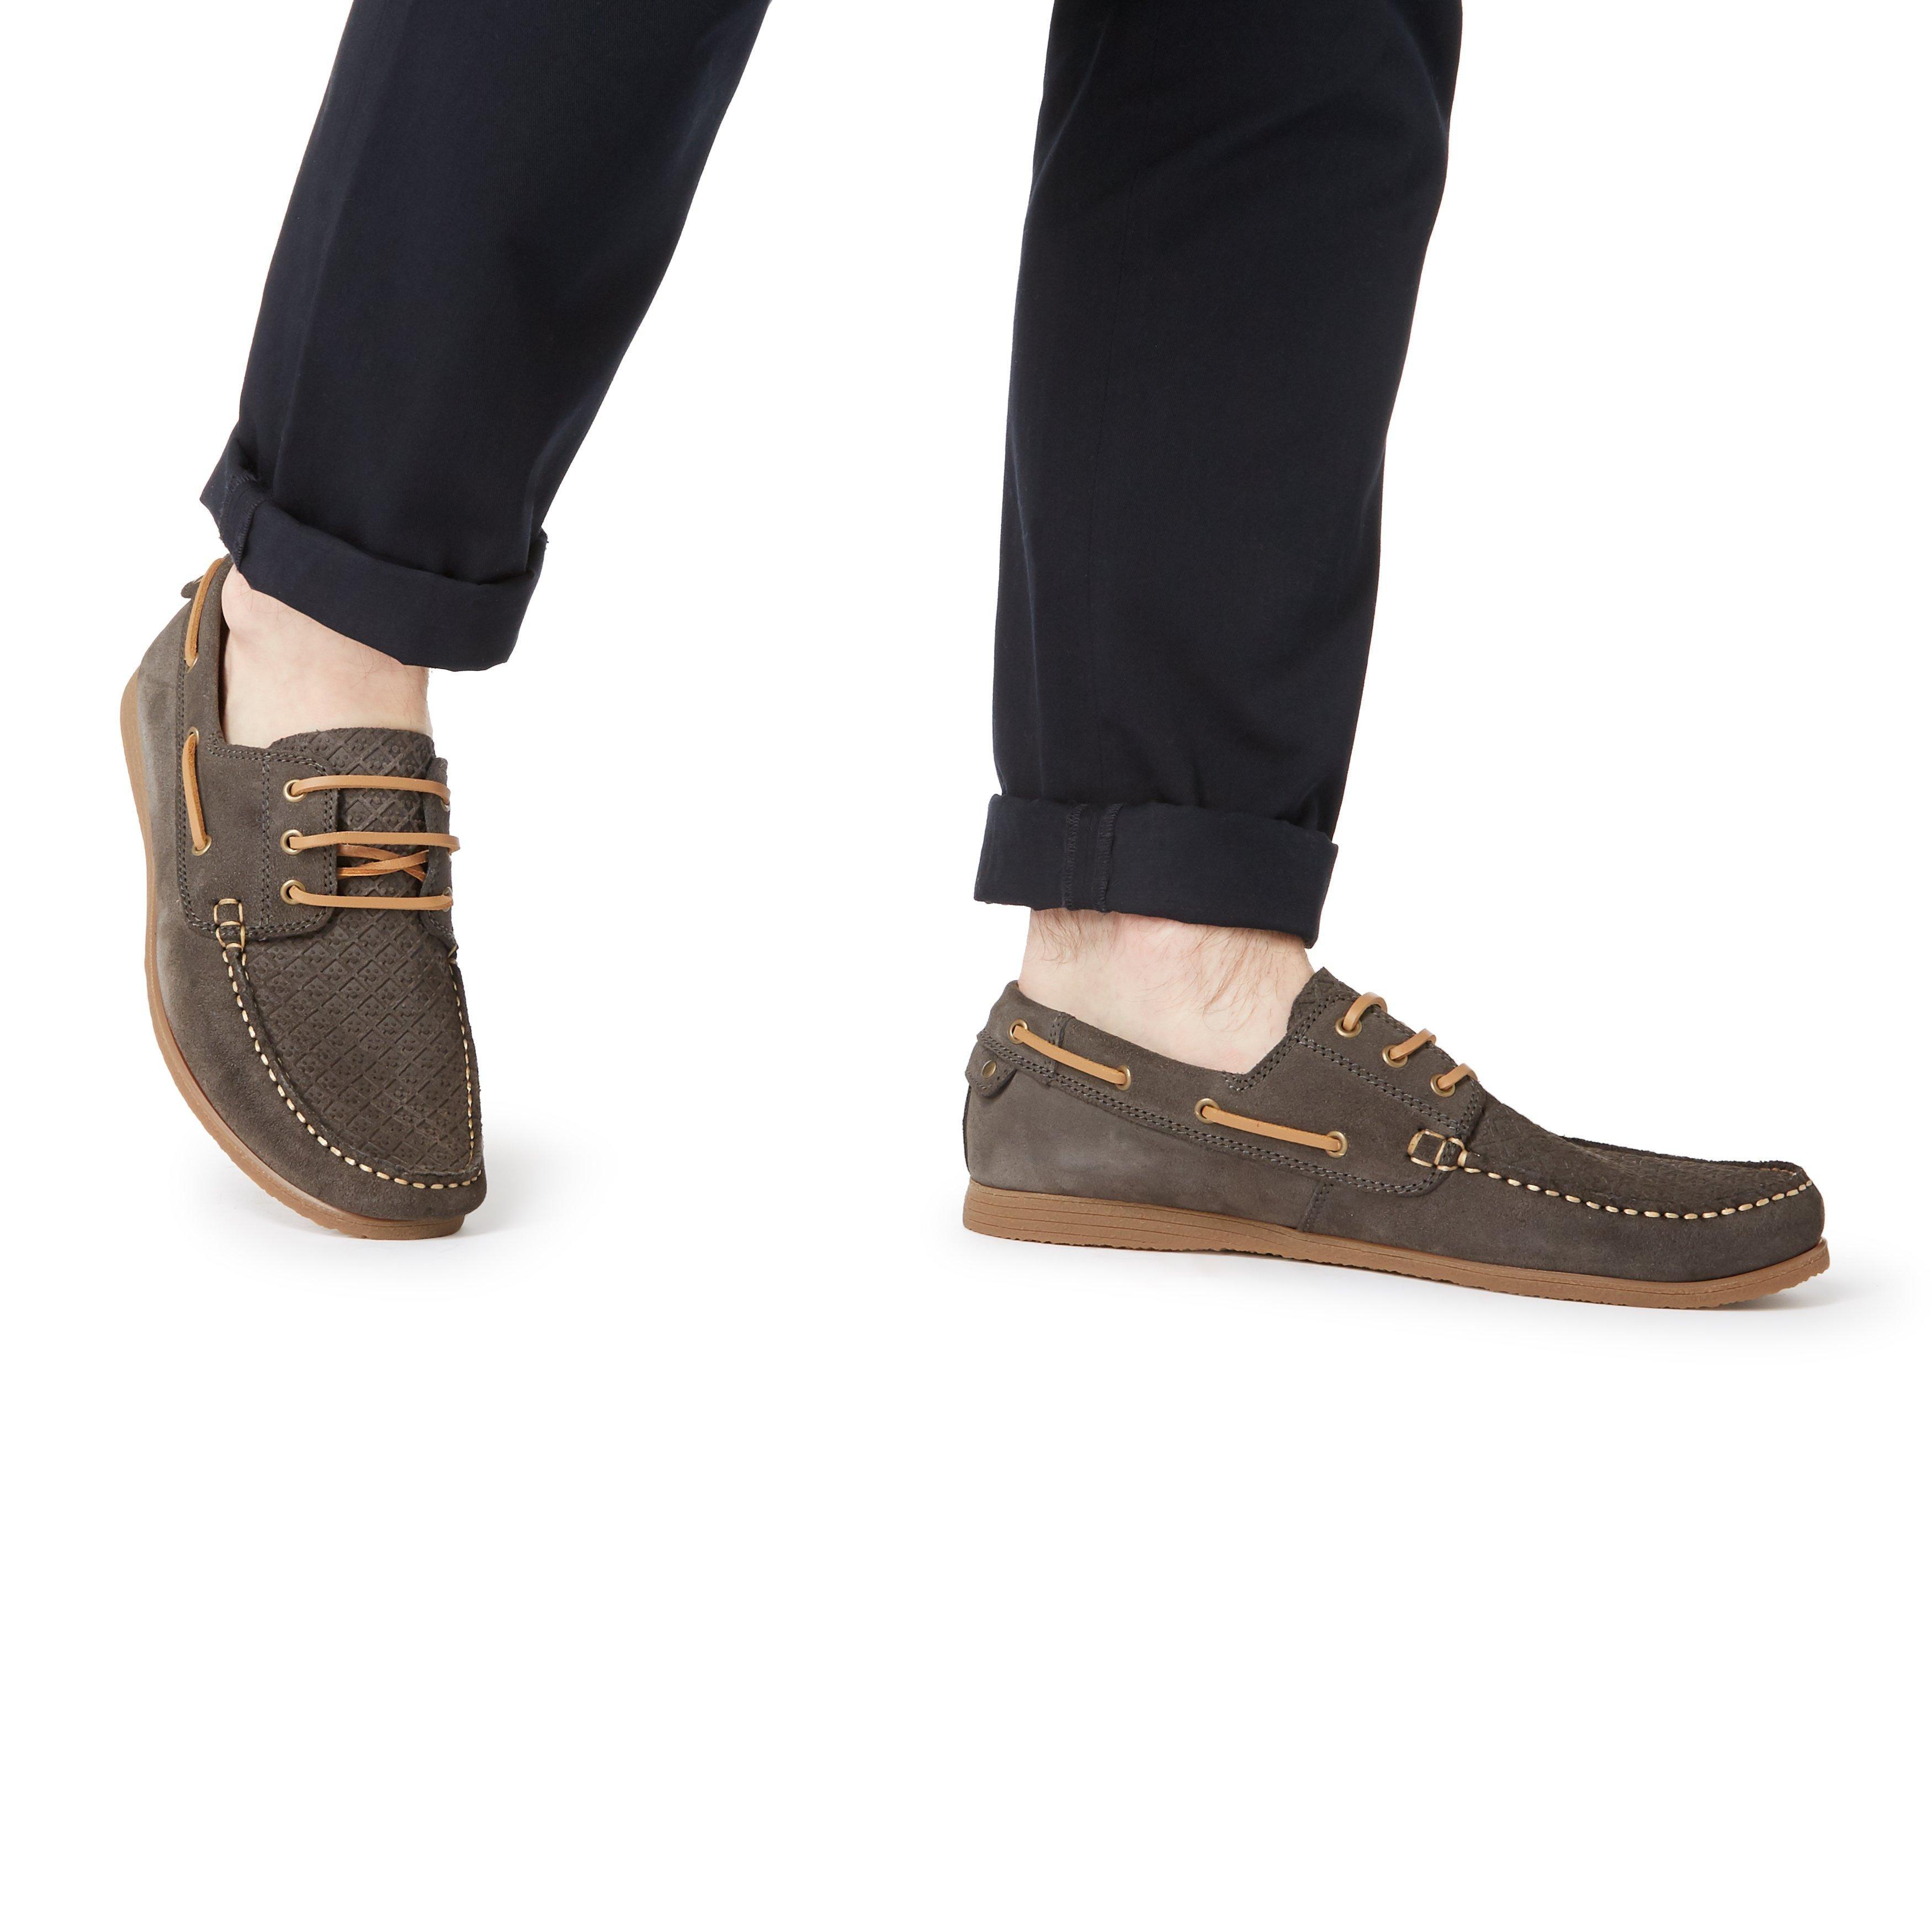 Bertie Mens BAHAMAS Embossed Boat Shoes